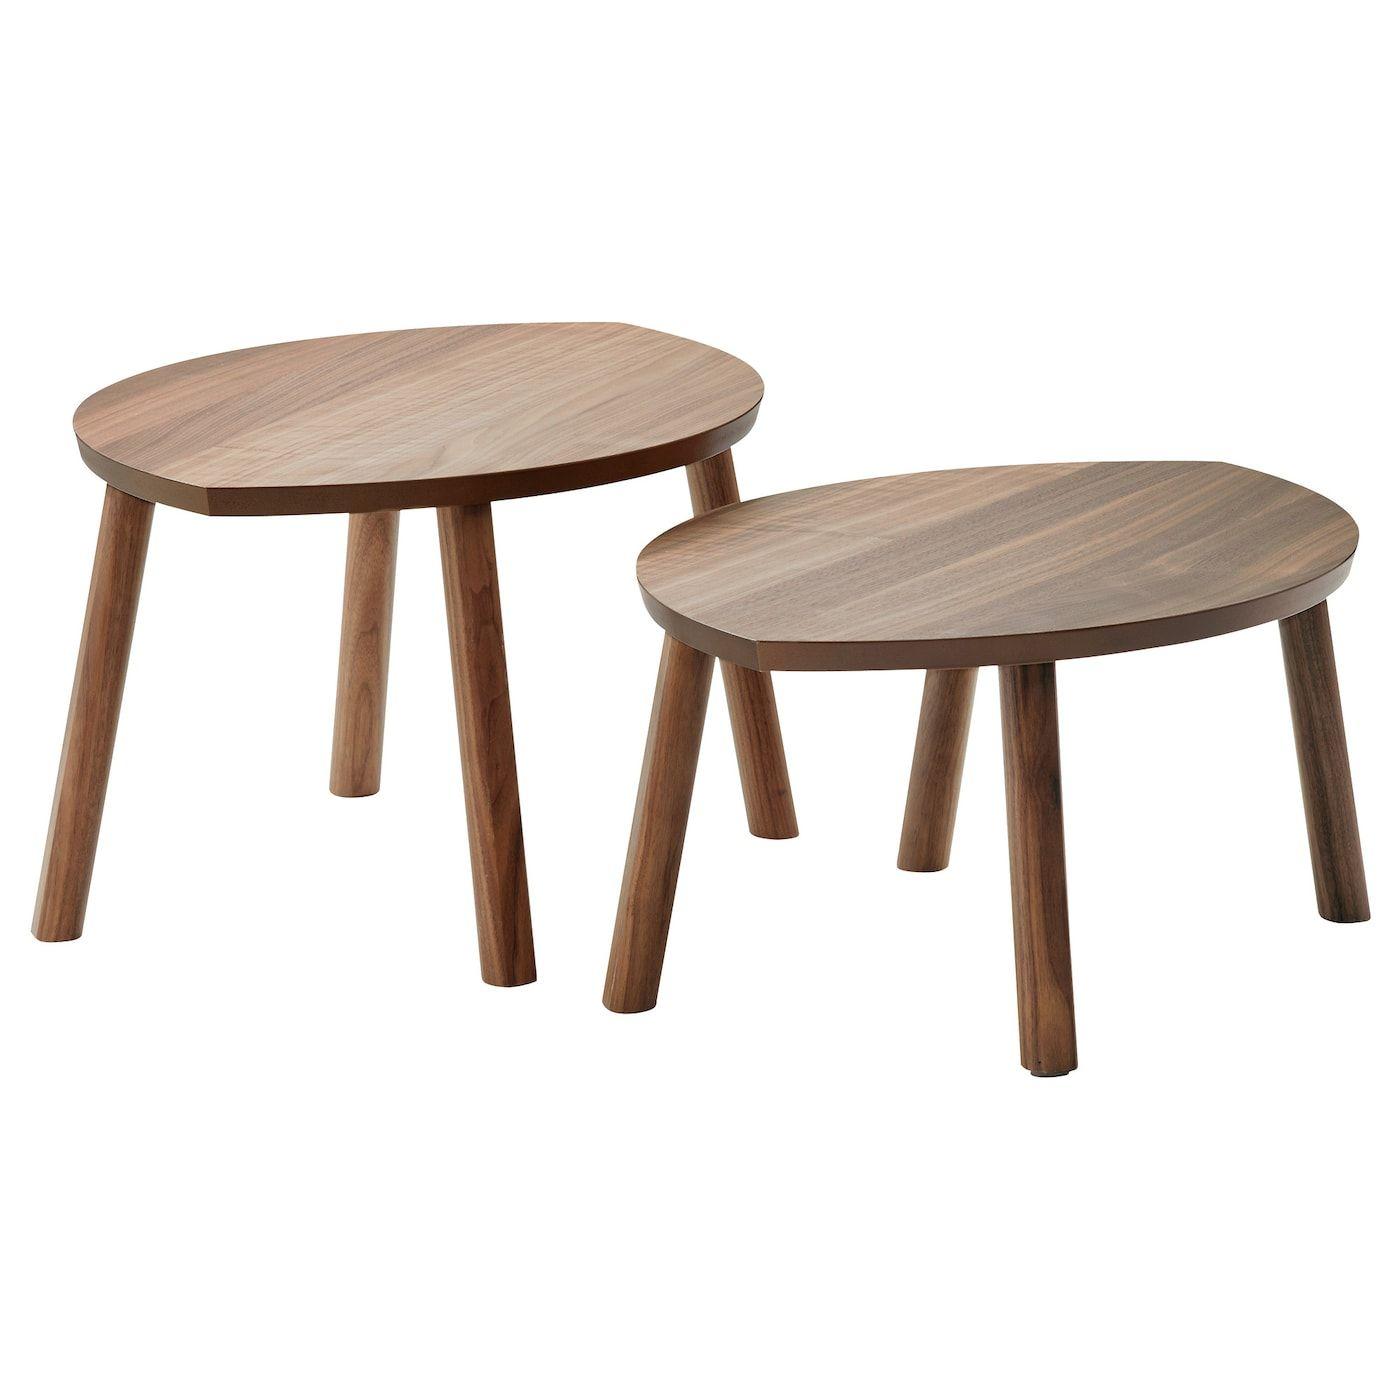 STOCKHOLM Nesting tables, set of 2, walnut veneer IKEA